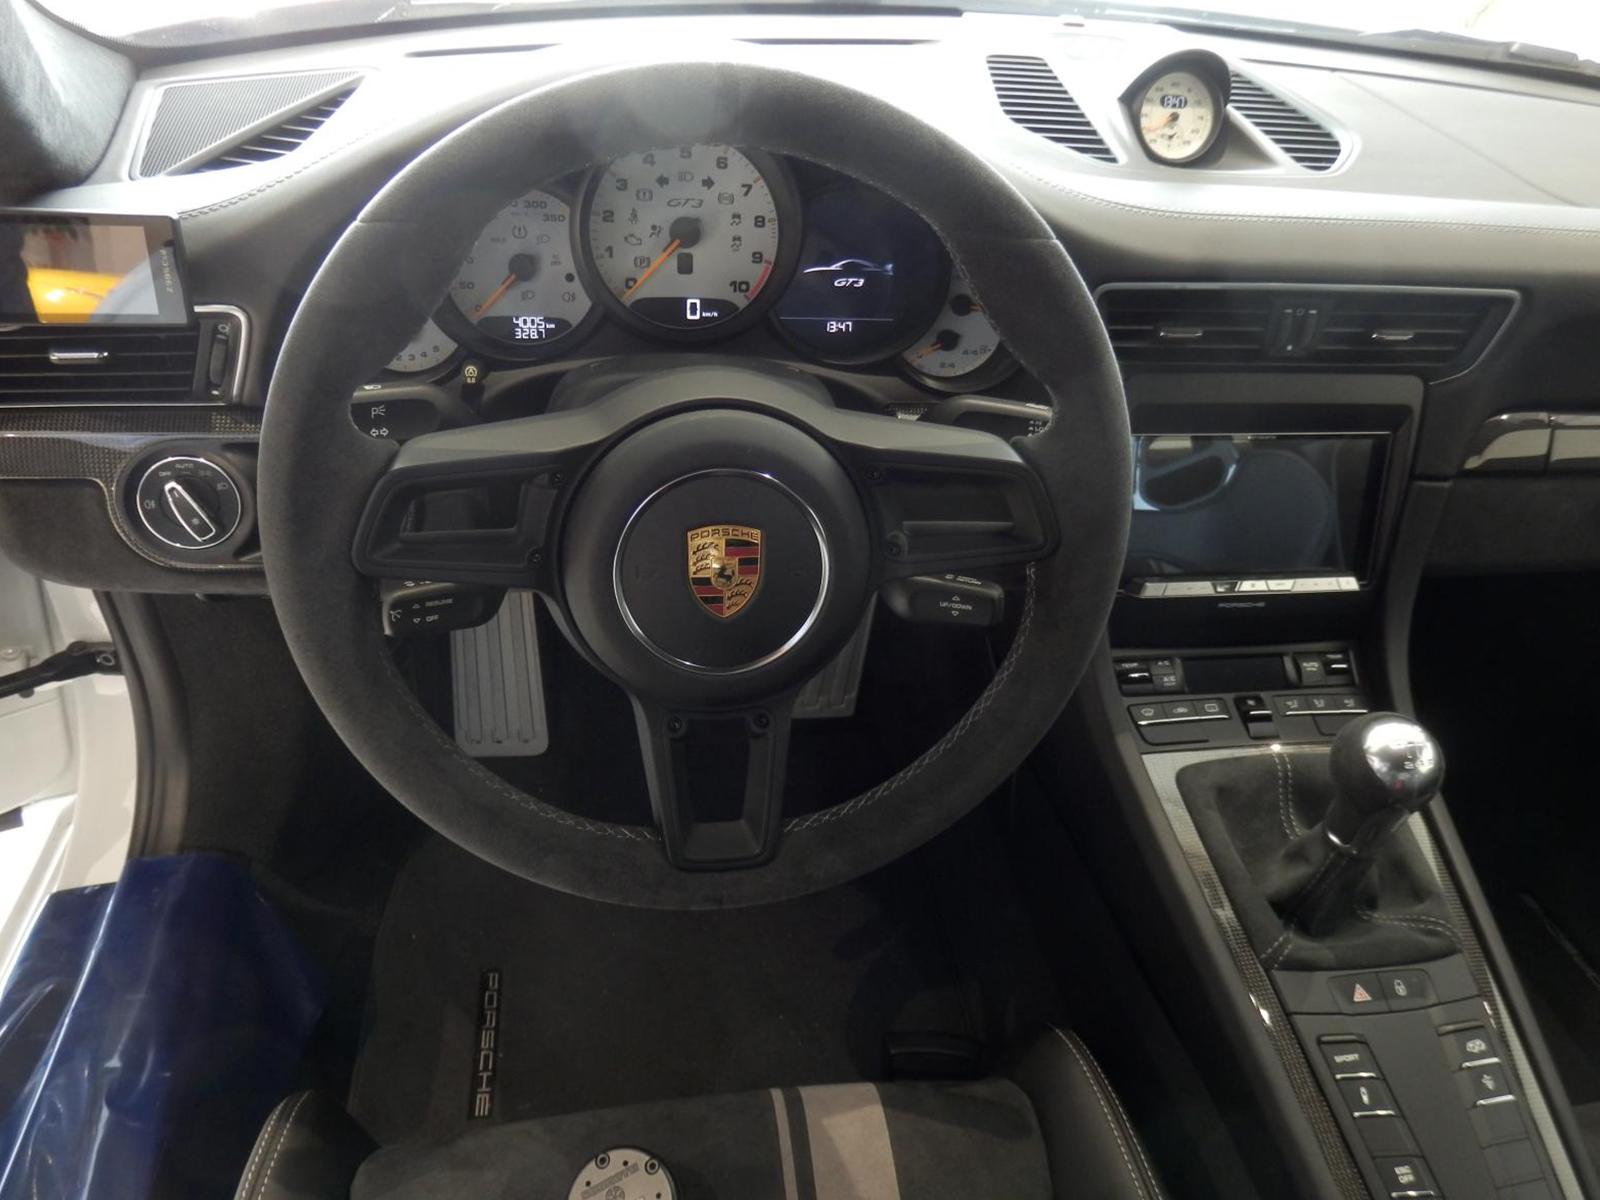 ポルシェ 911 GT3 タイプ991-Ⅱ ステアリング